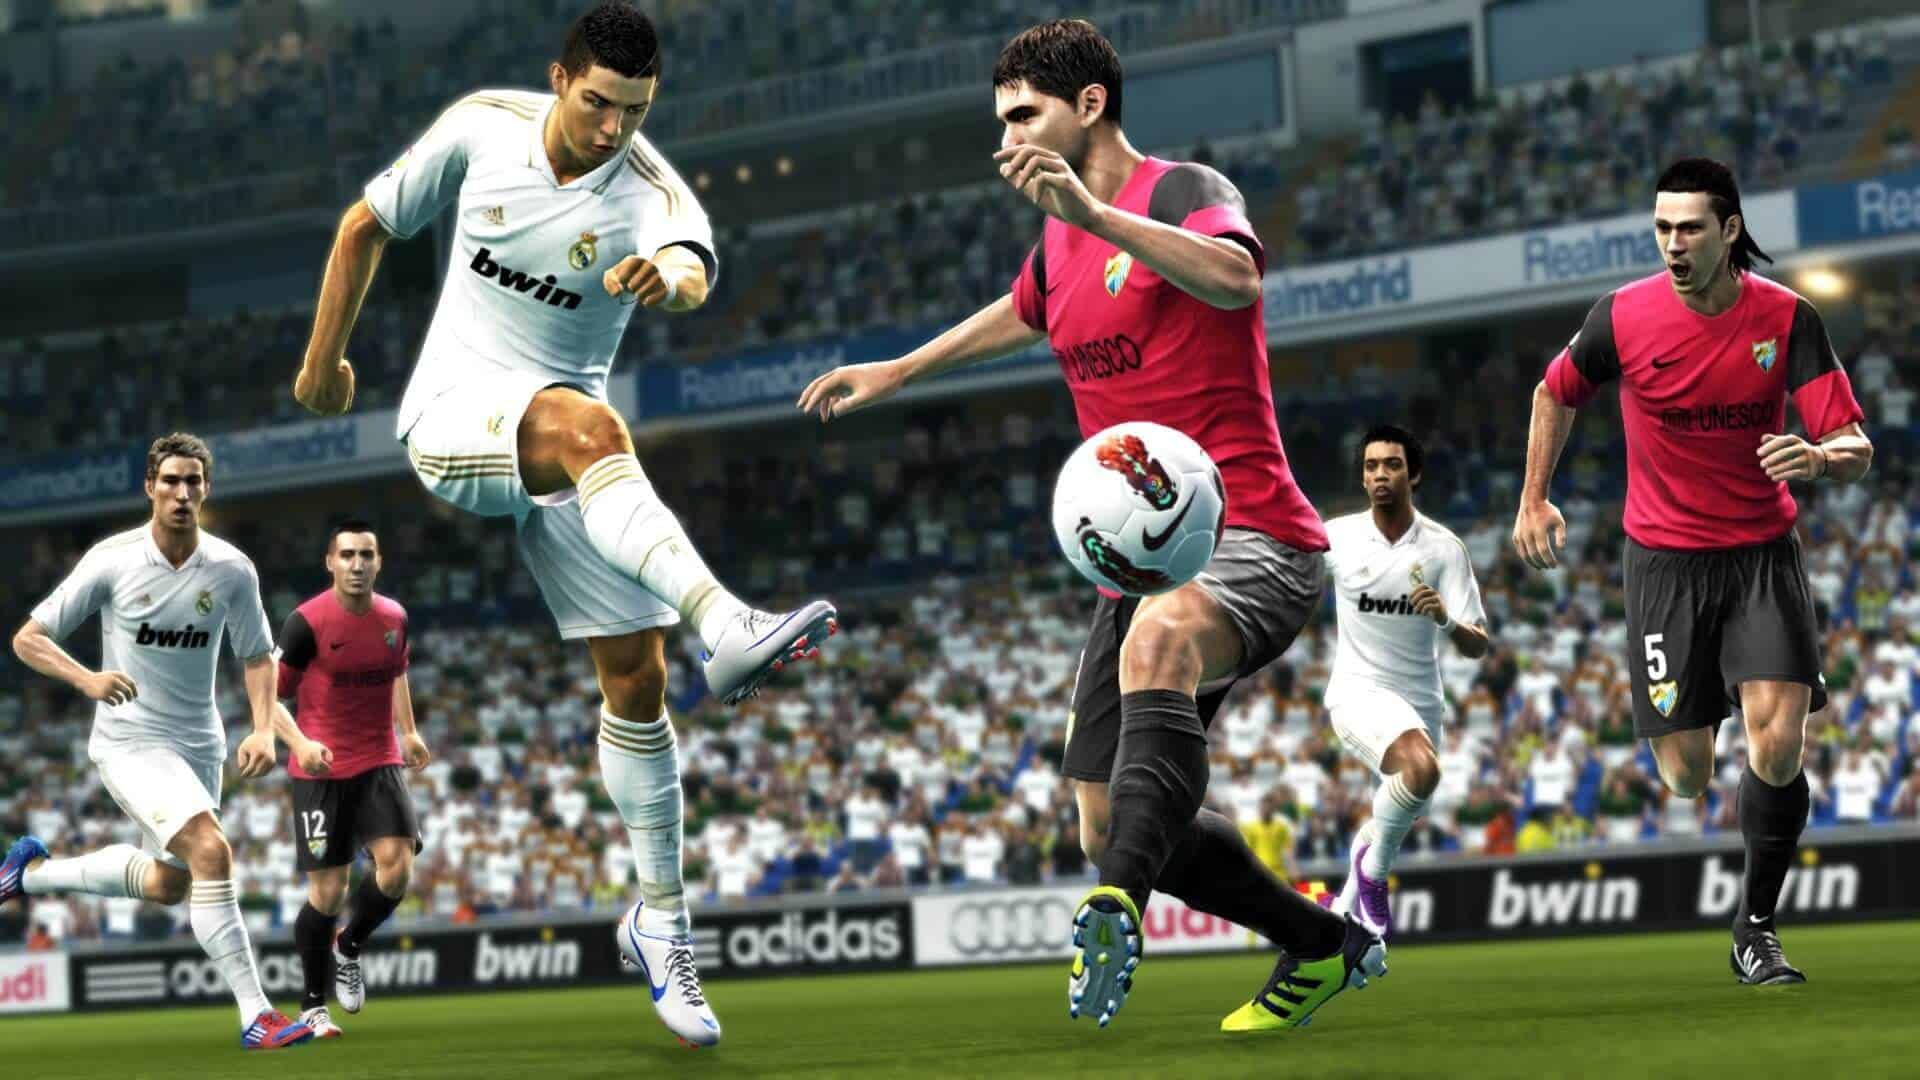 بازی ویدیویی فوتبال تکاملی حرفهای - Pro Evolution Soccer